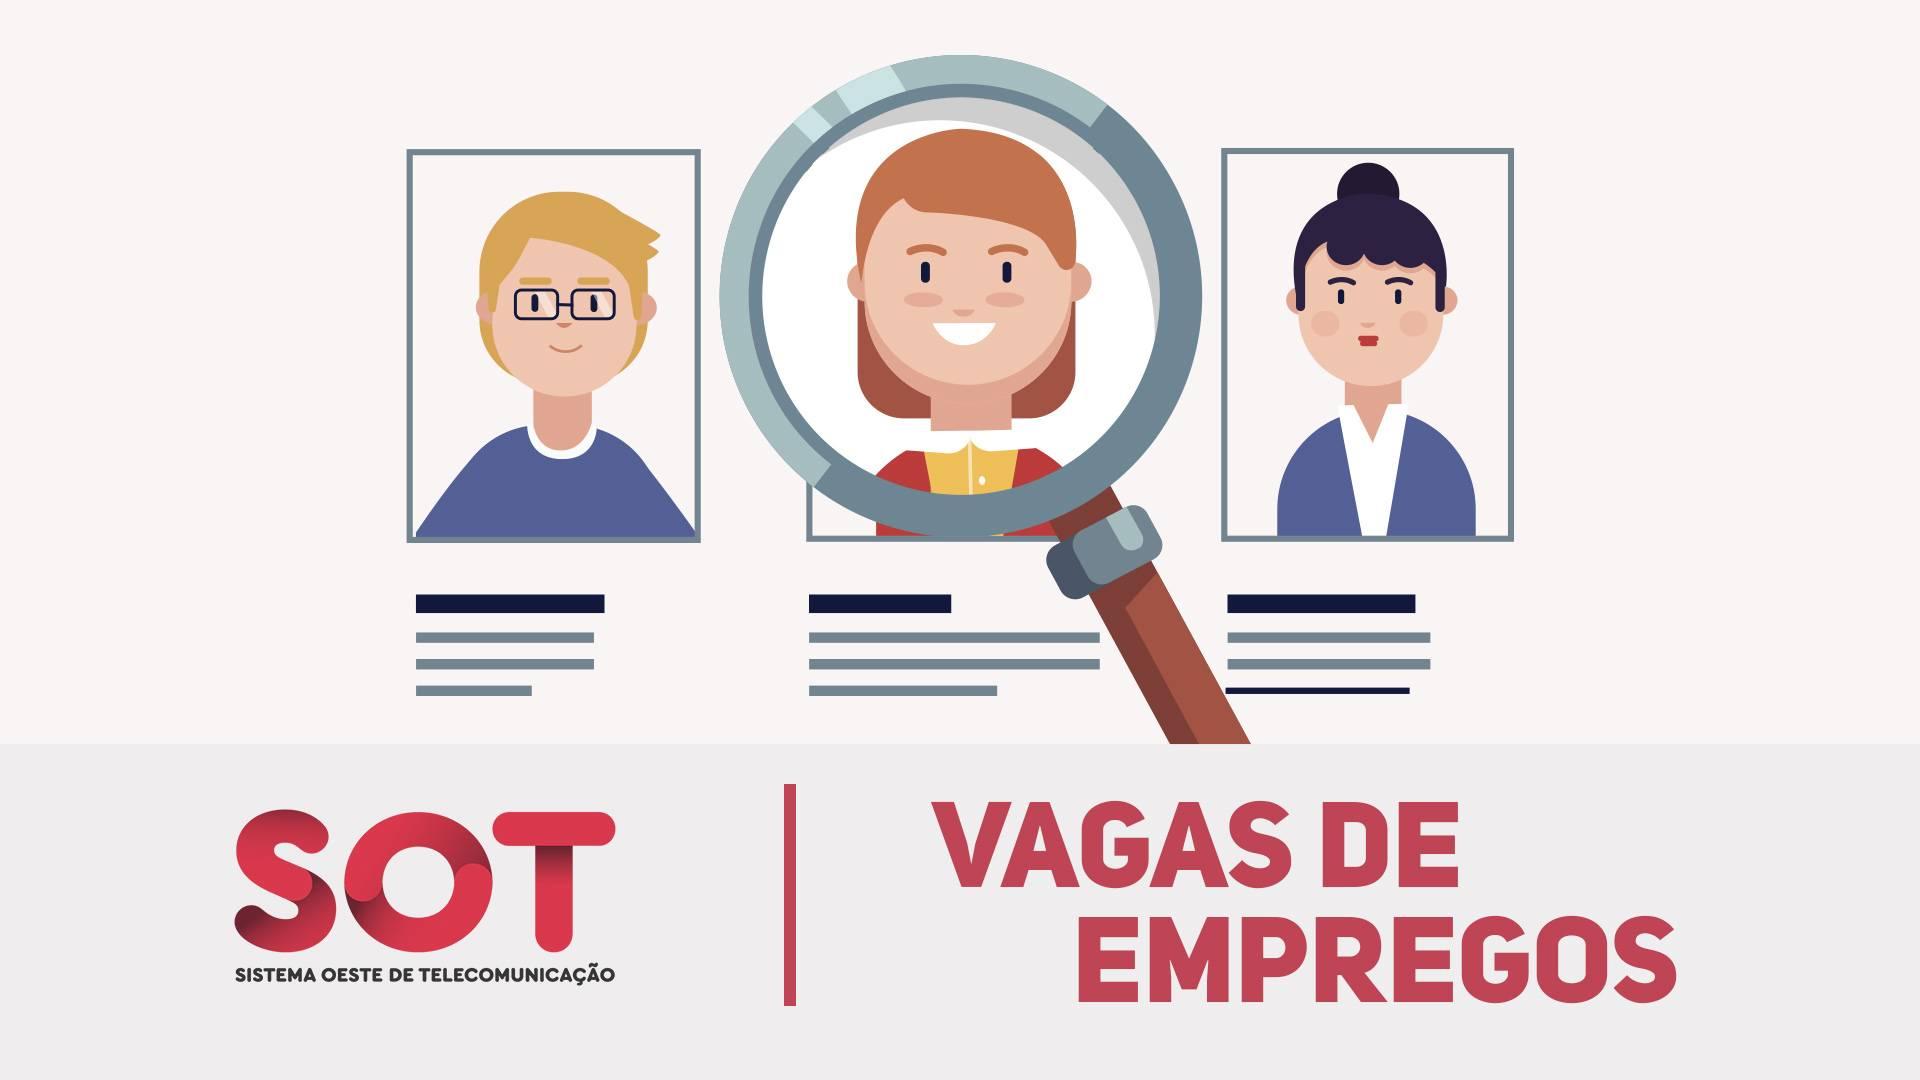 Vagas de Empregos: Veja as principais oportunidades disponíveis nesta segunda-feira (26/04)